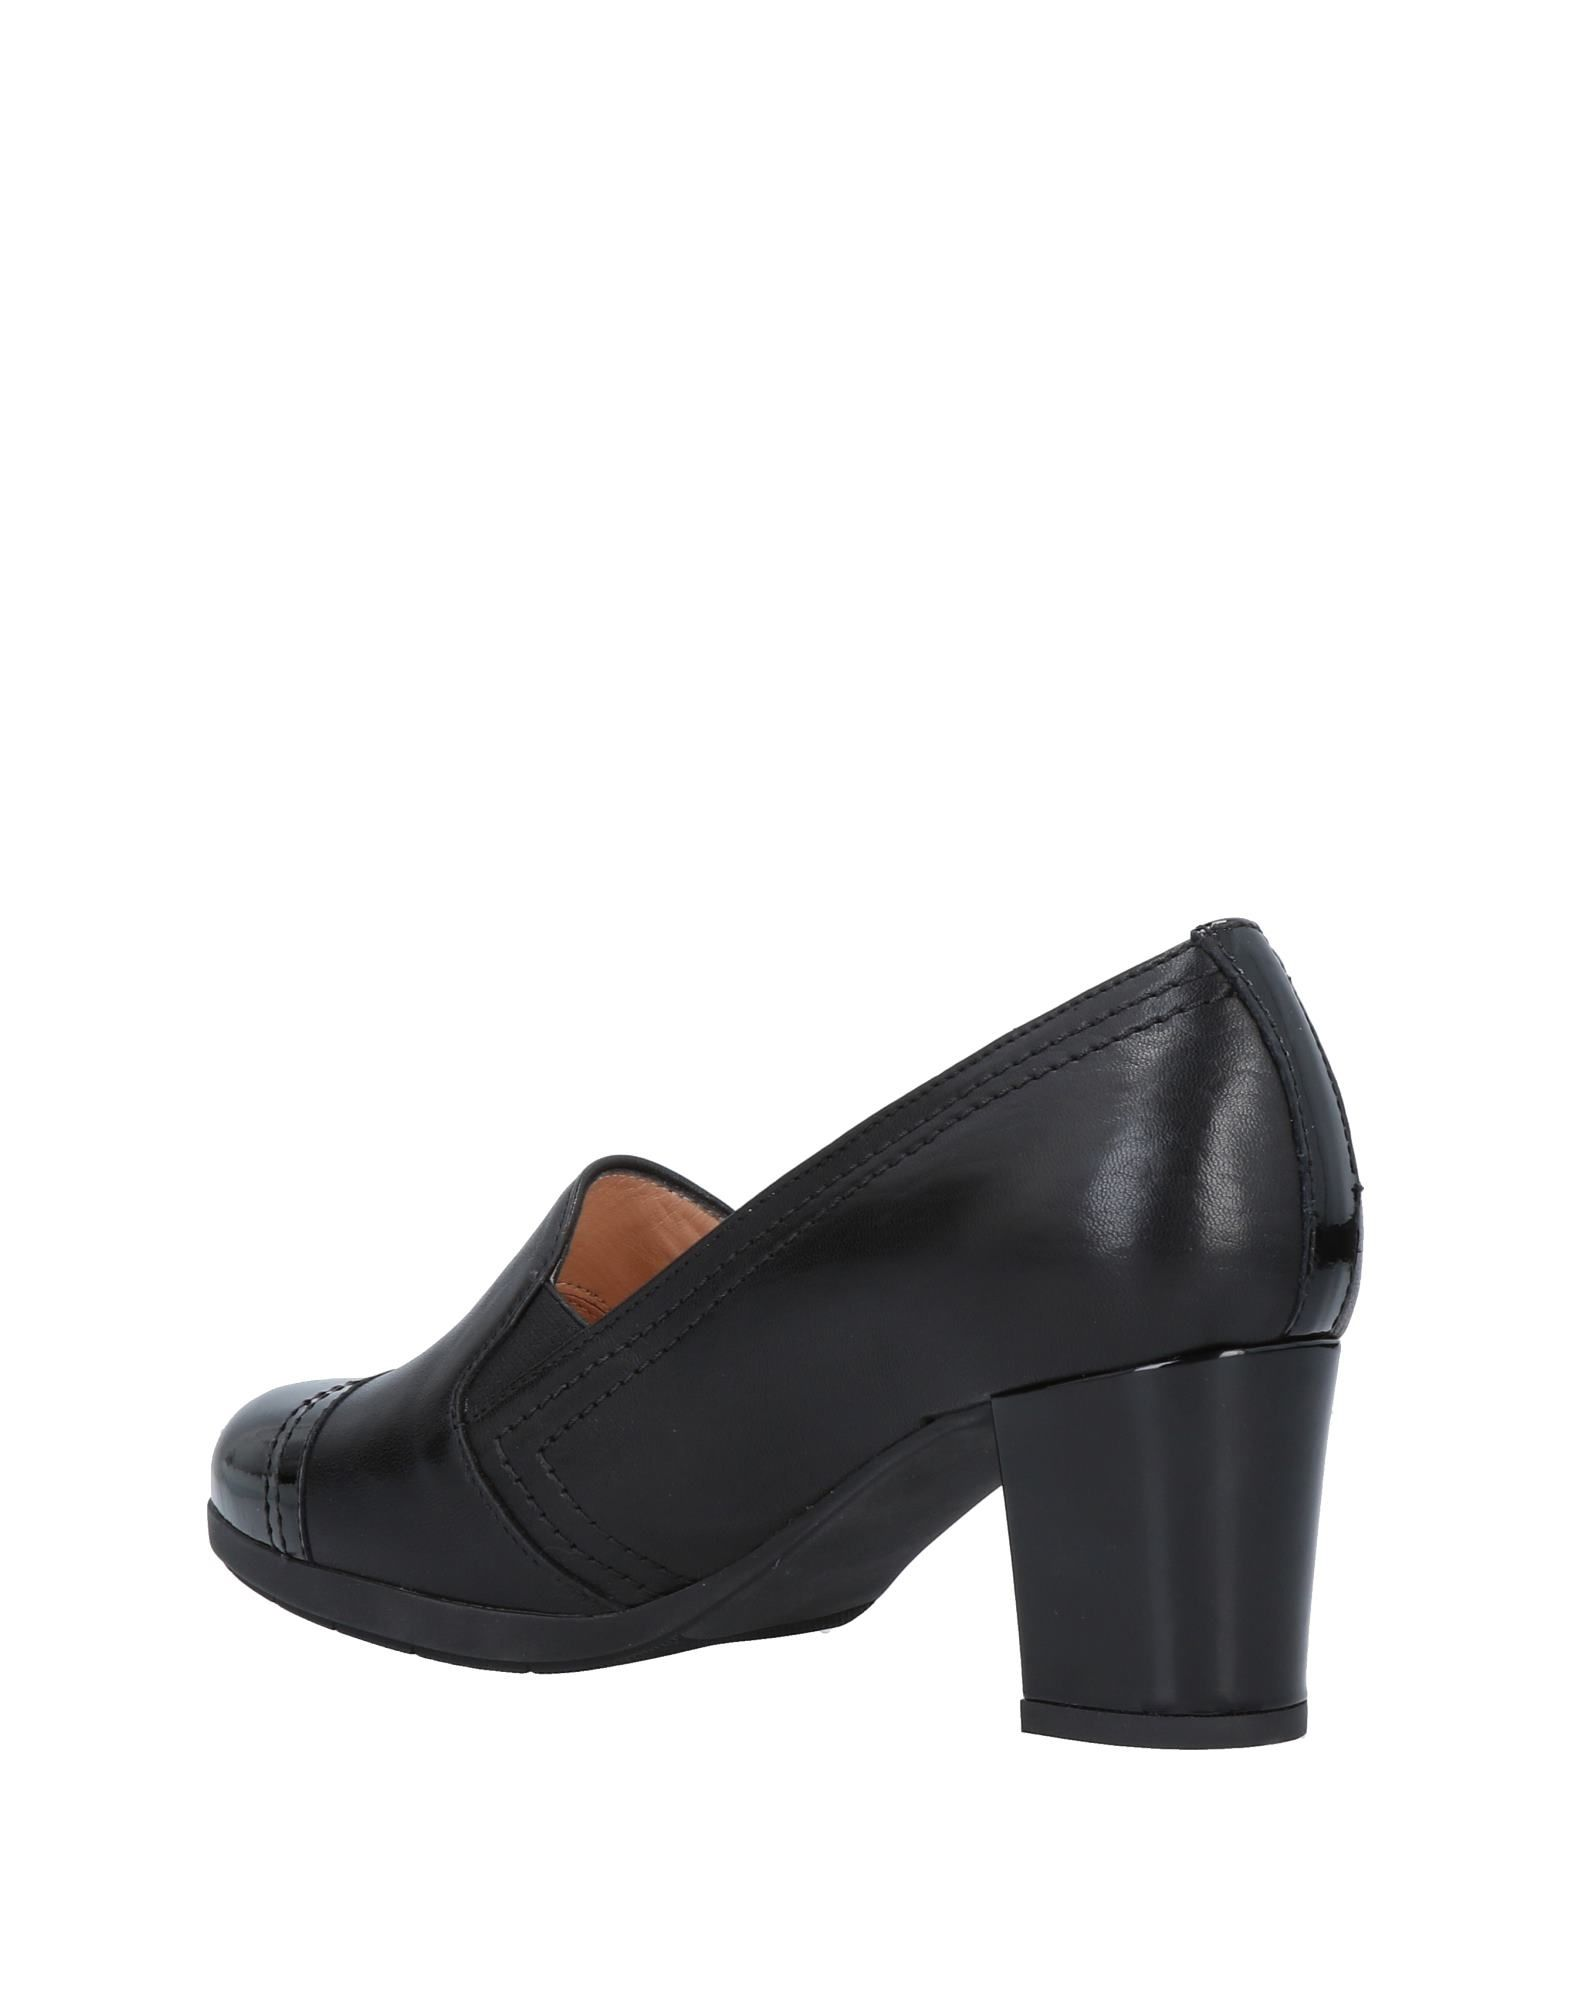 Donna Soft Mokassins Damen  11486909EP Gute Qualität beliebte Schuhe